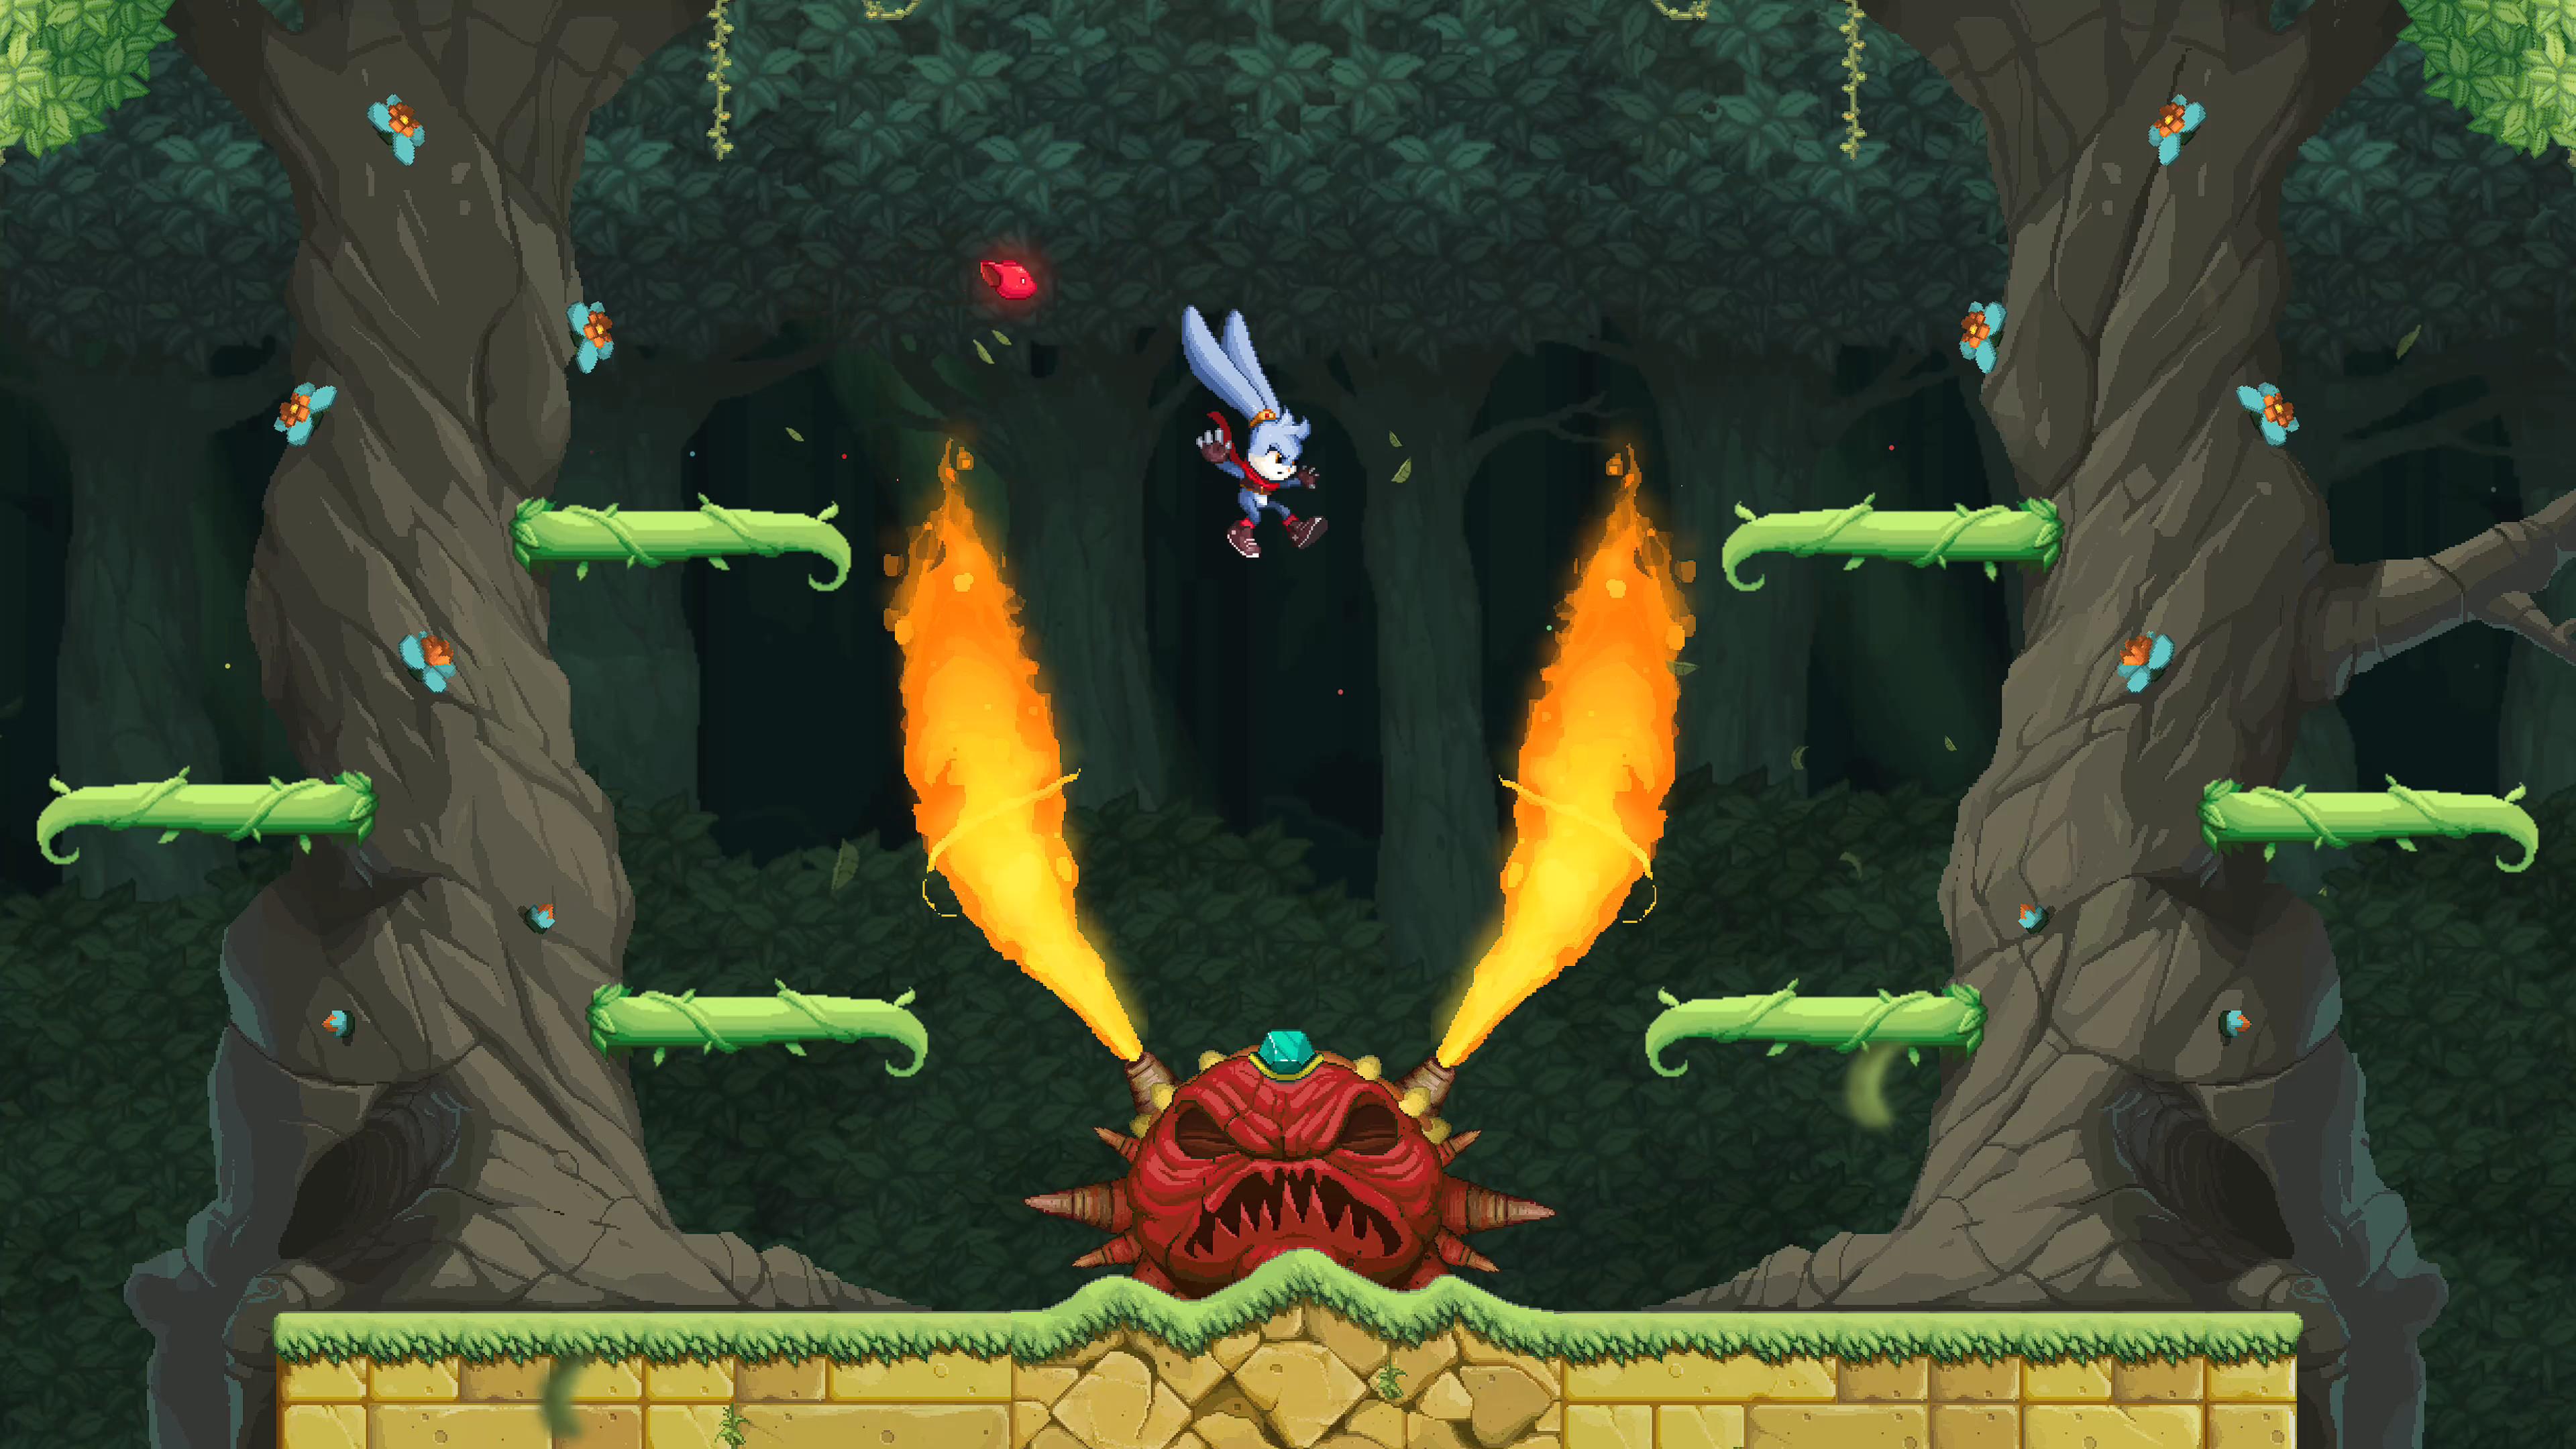 Bonito e simples, kaze and the wild masks arrebata o jogador na nostalgia e qualidade, no entanto